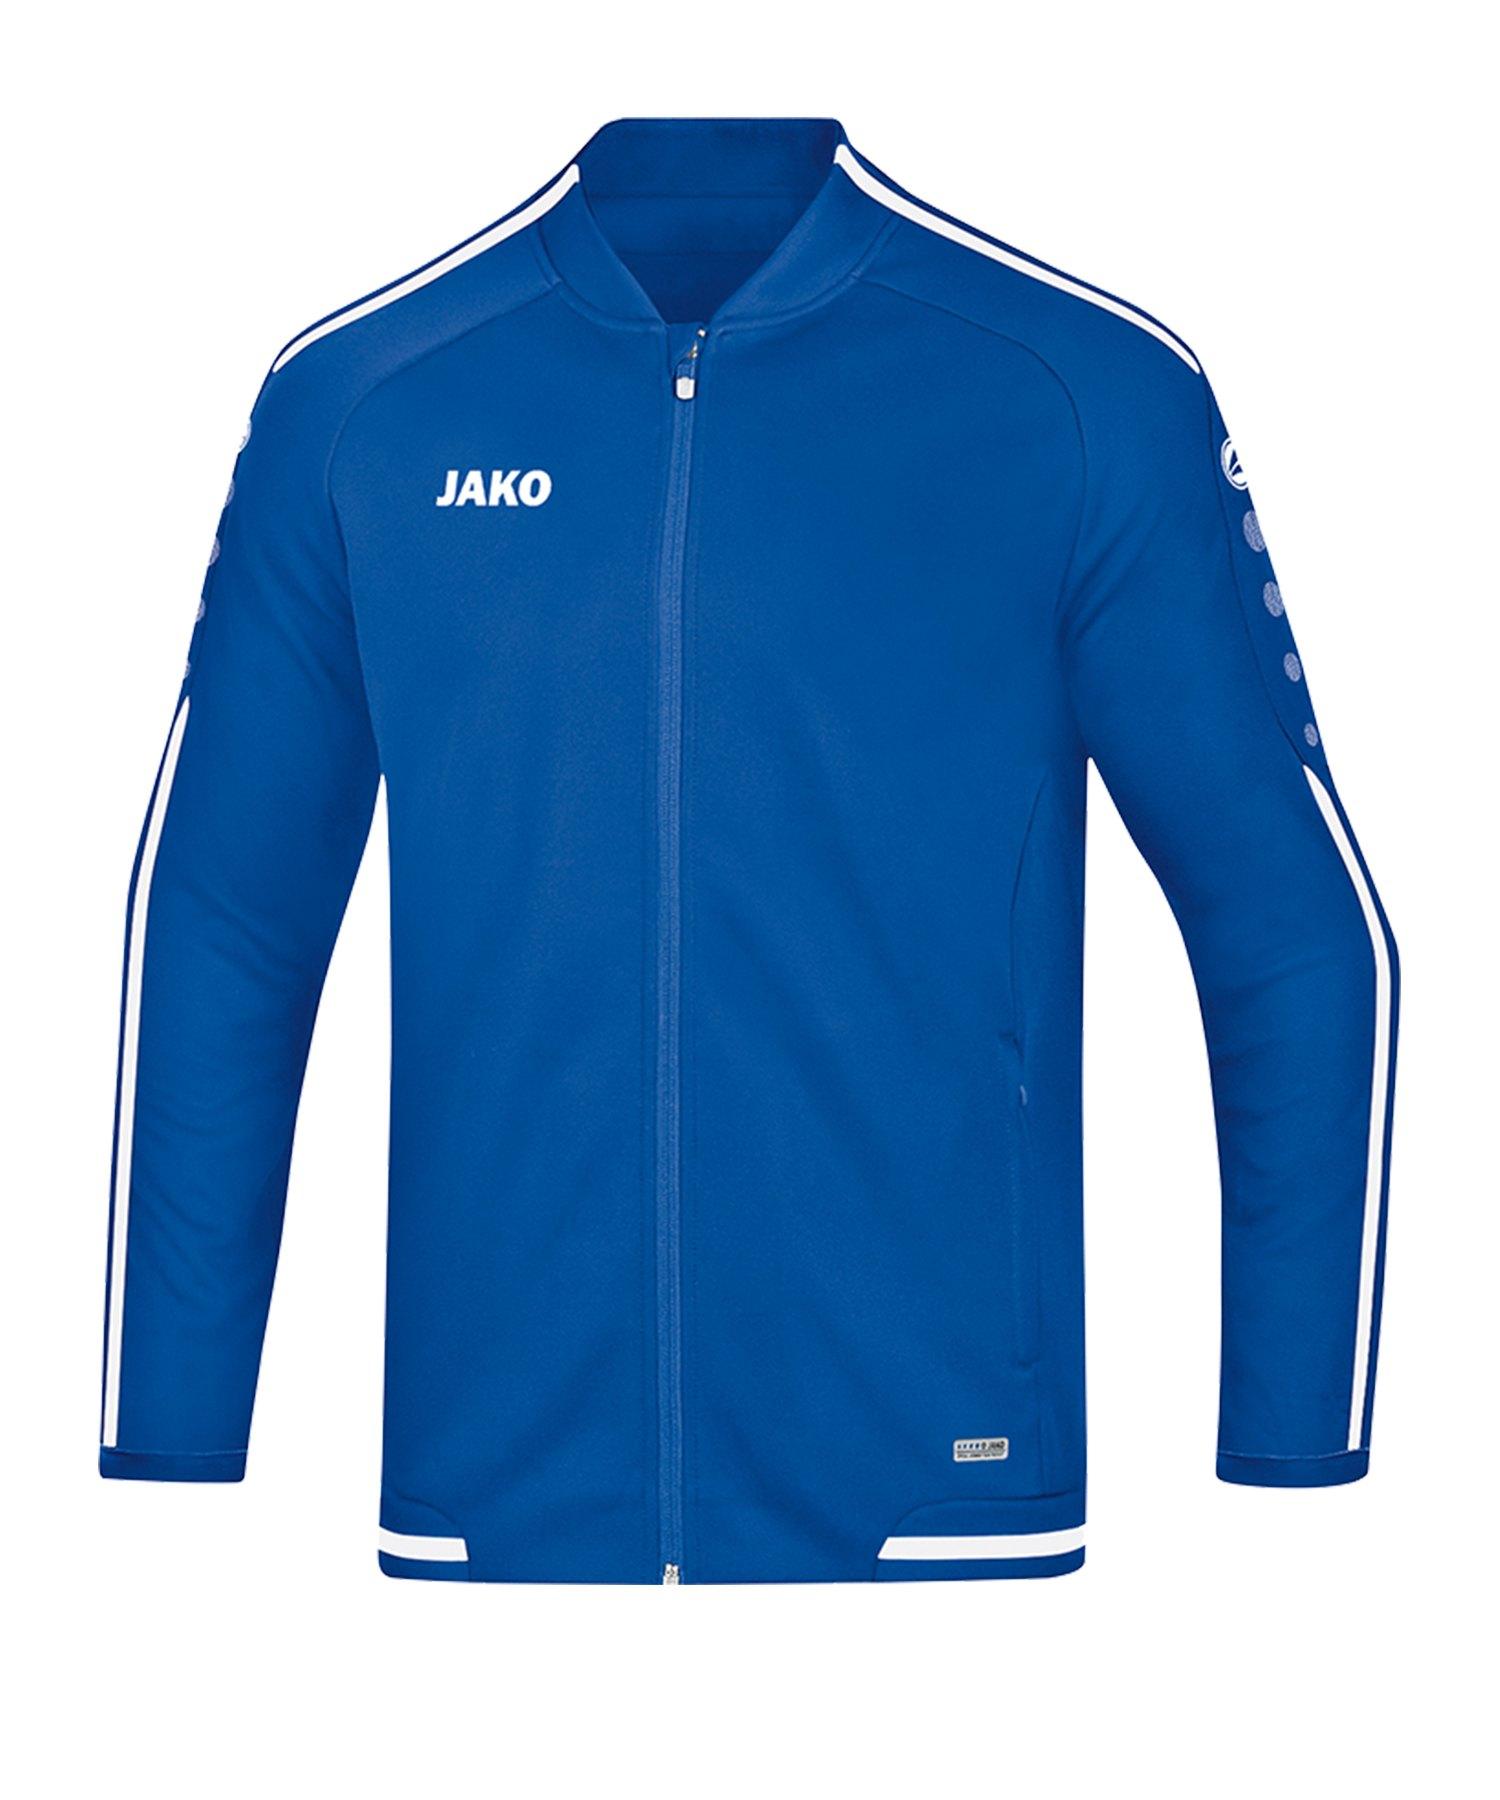 Jako Striker 2.0 Freizeitjacke Blau Weiss F04 - Blau